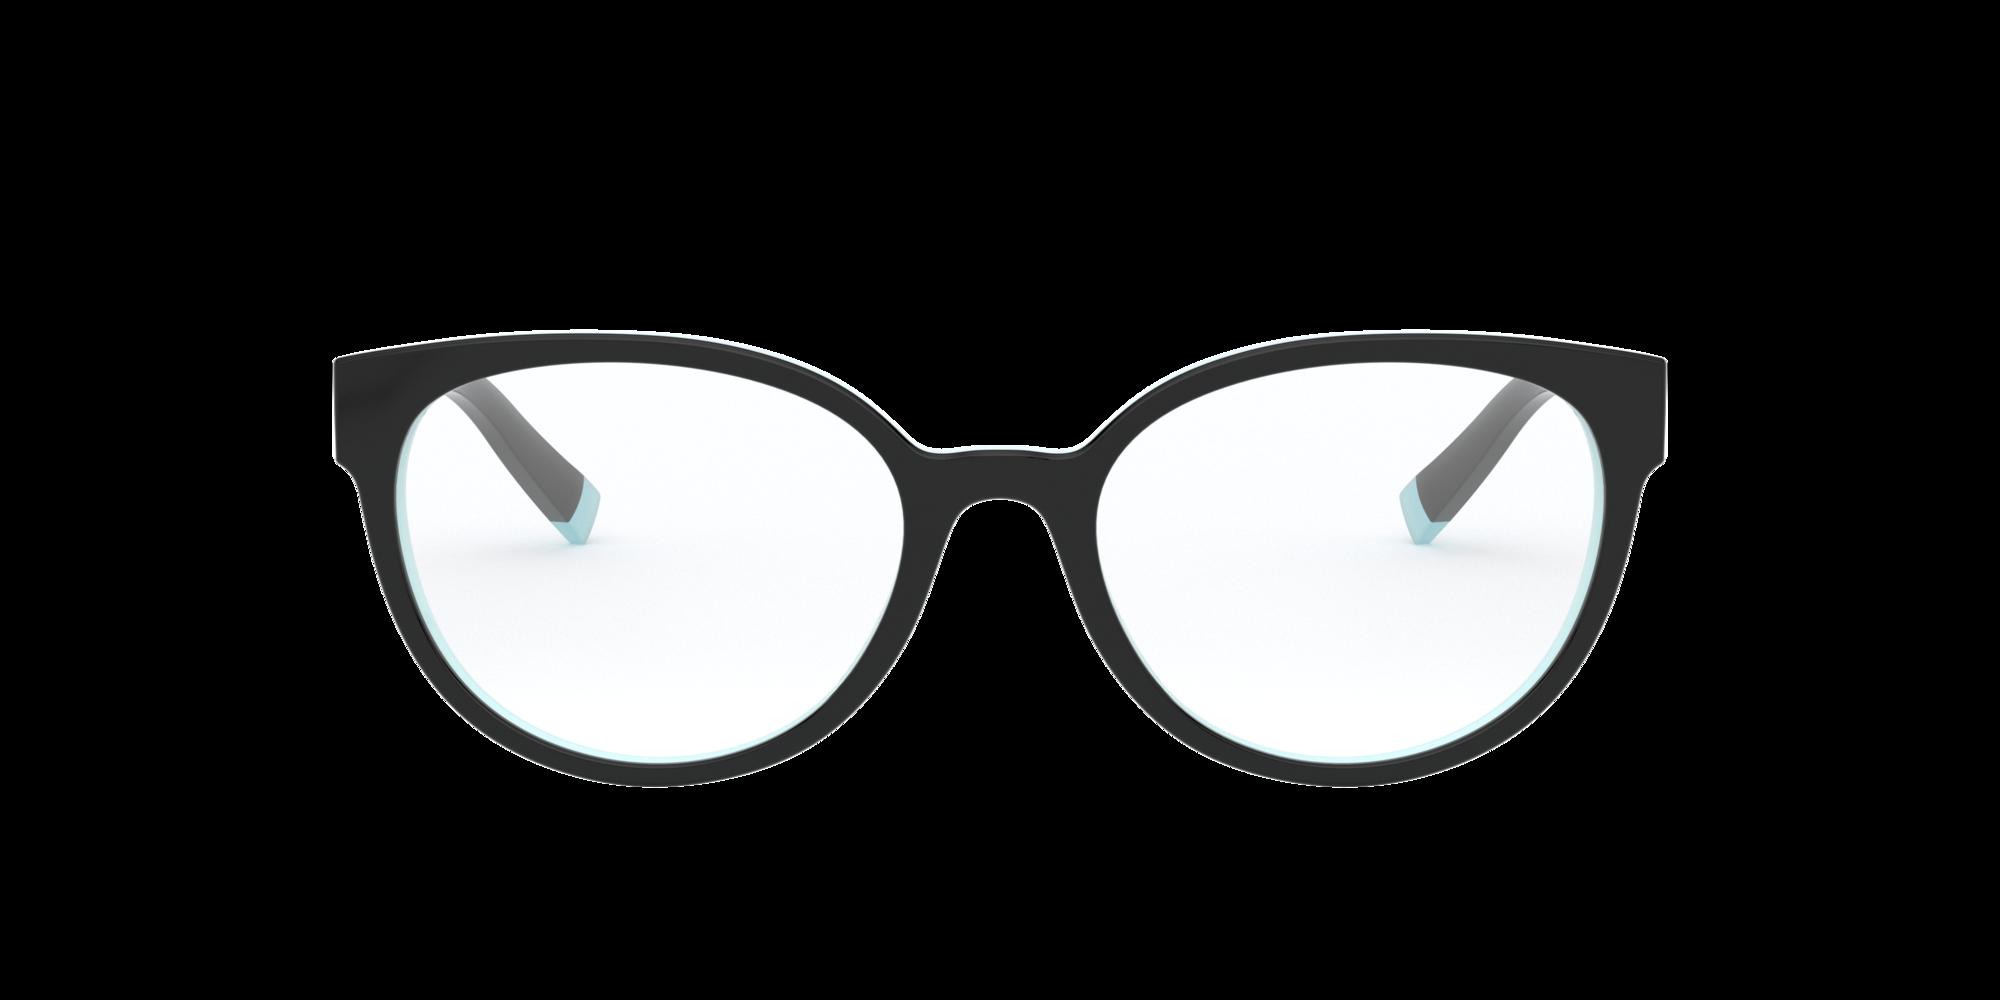 Imagen para TF2191 de LensCrafters |  Espejuelos, espejuelos graduados en línea, gafas